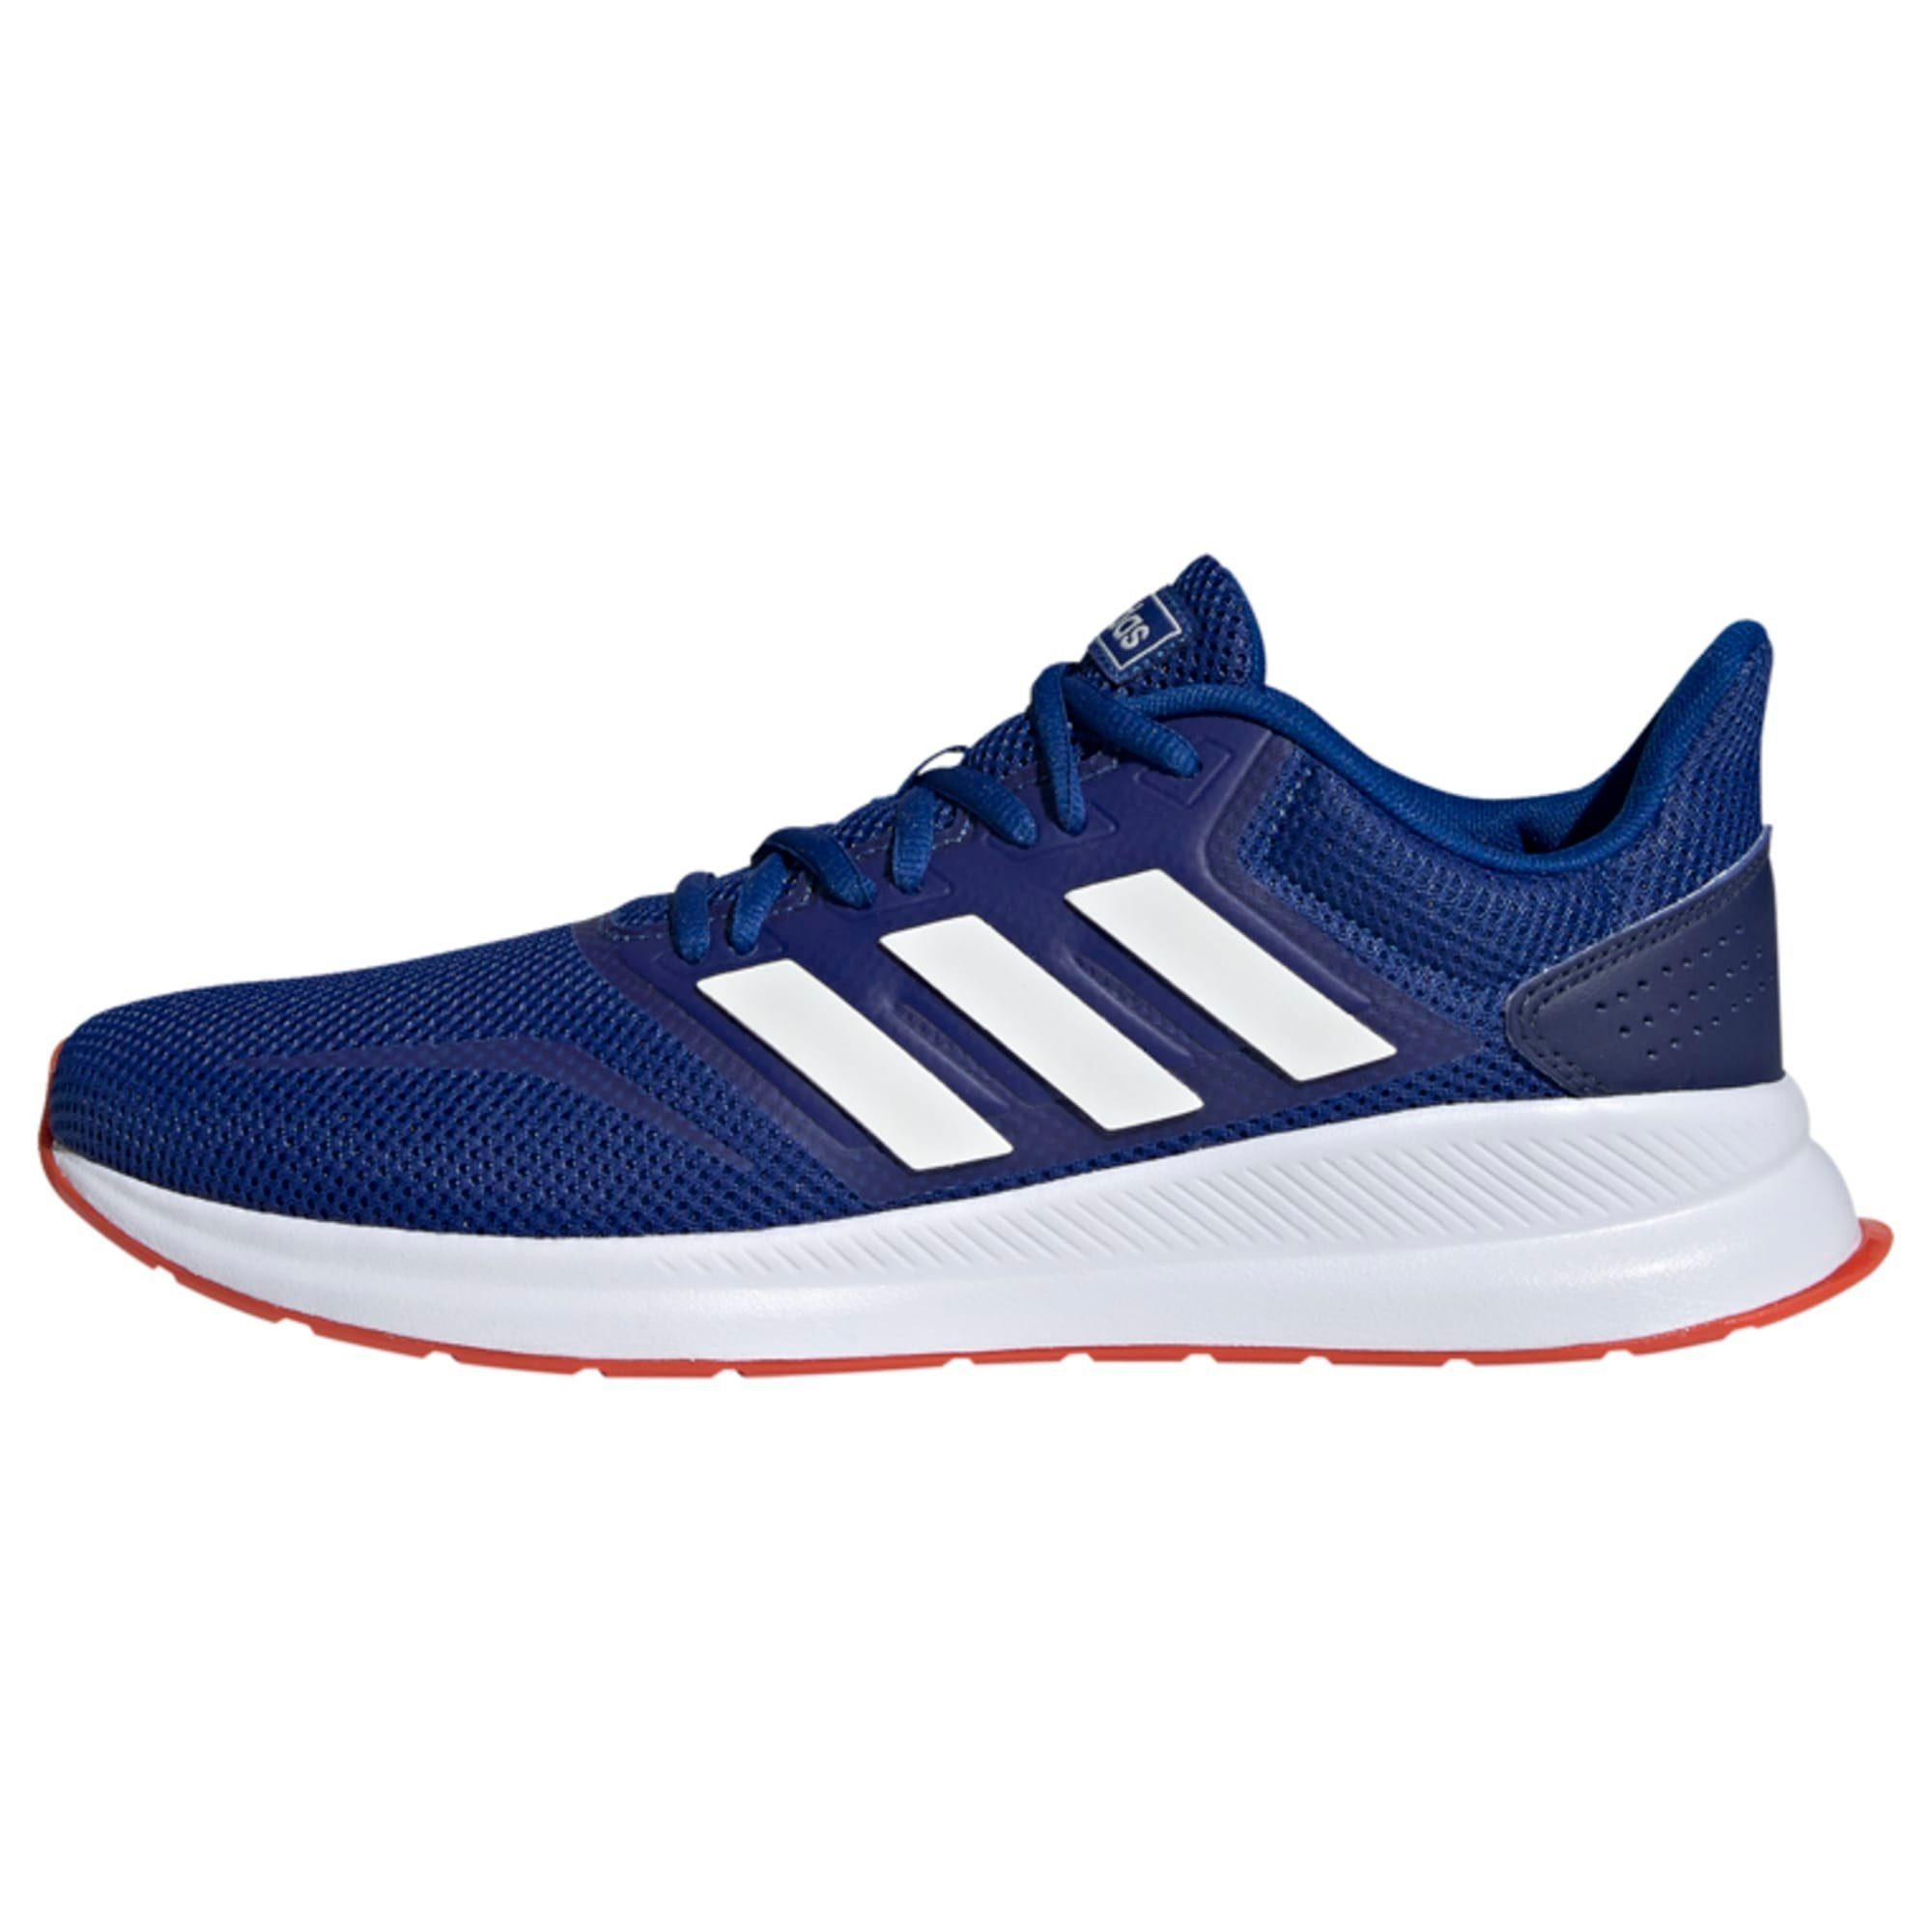 Laufschuh »Runfalcon kaufenOTTO Essentials;DuramoSchnürsenkel adidas Performance online Schuh« vnmN08Ow